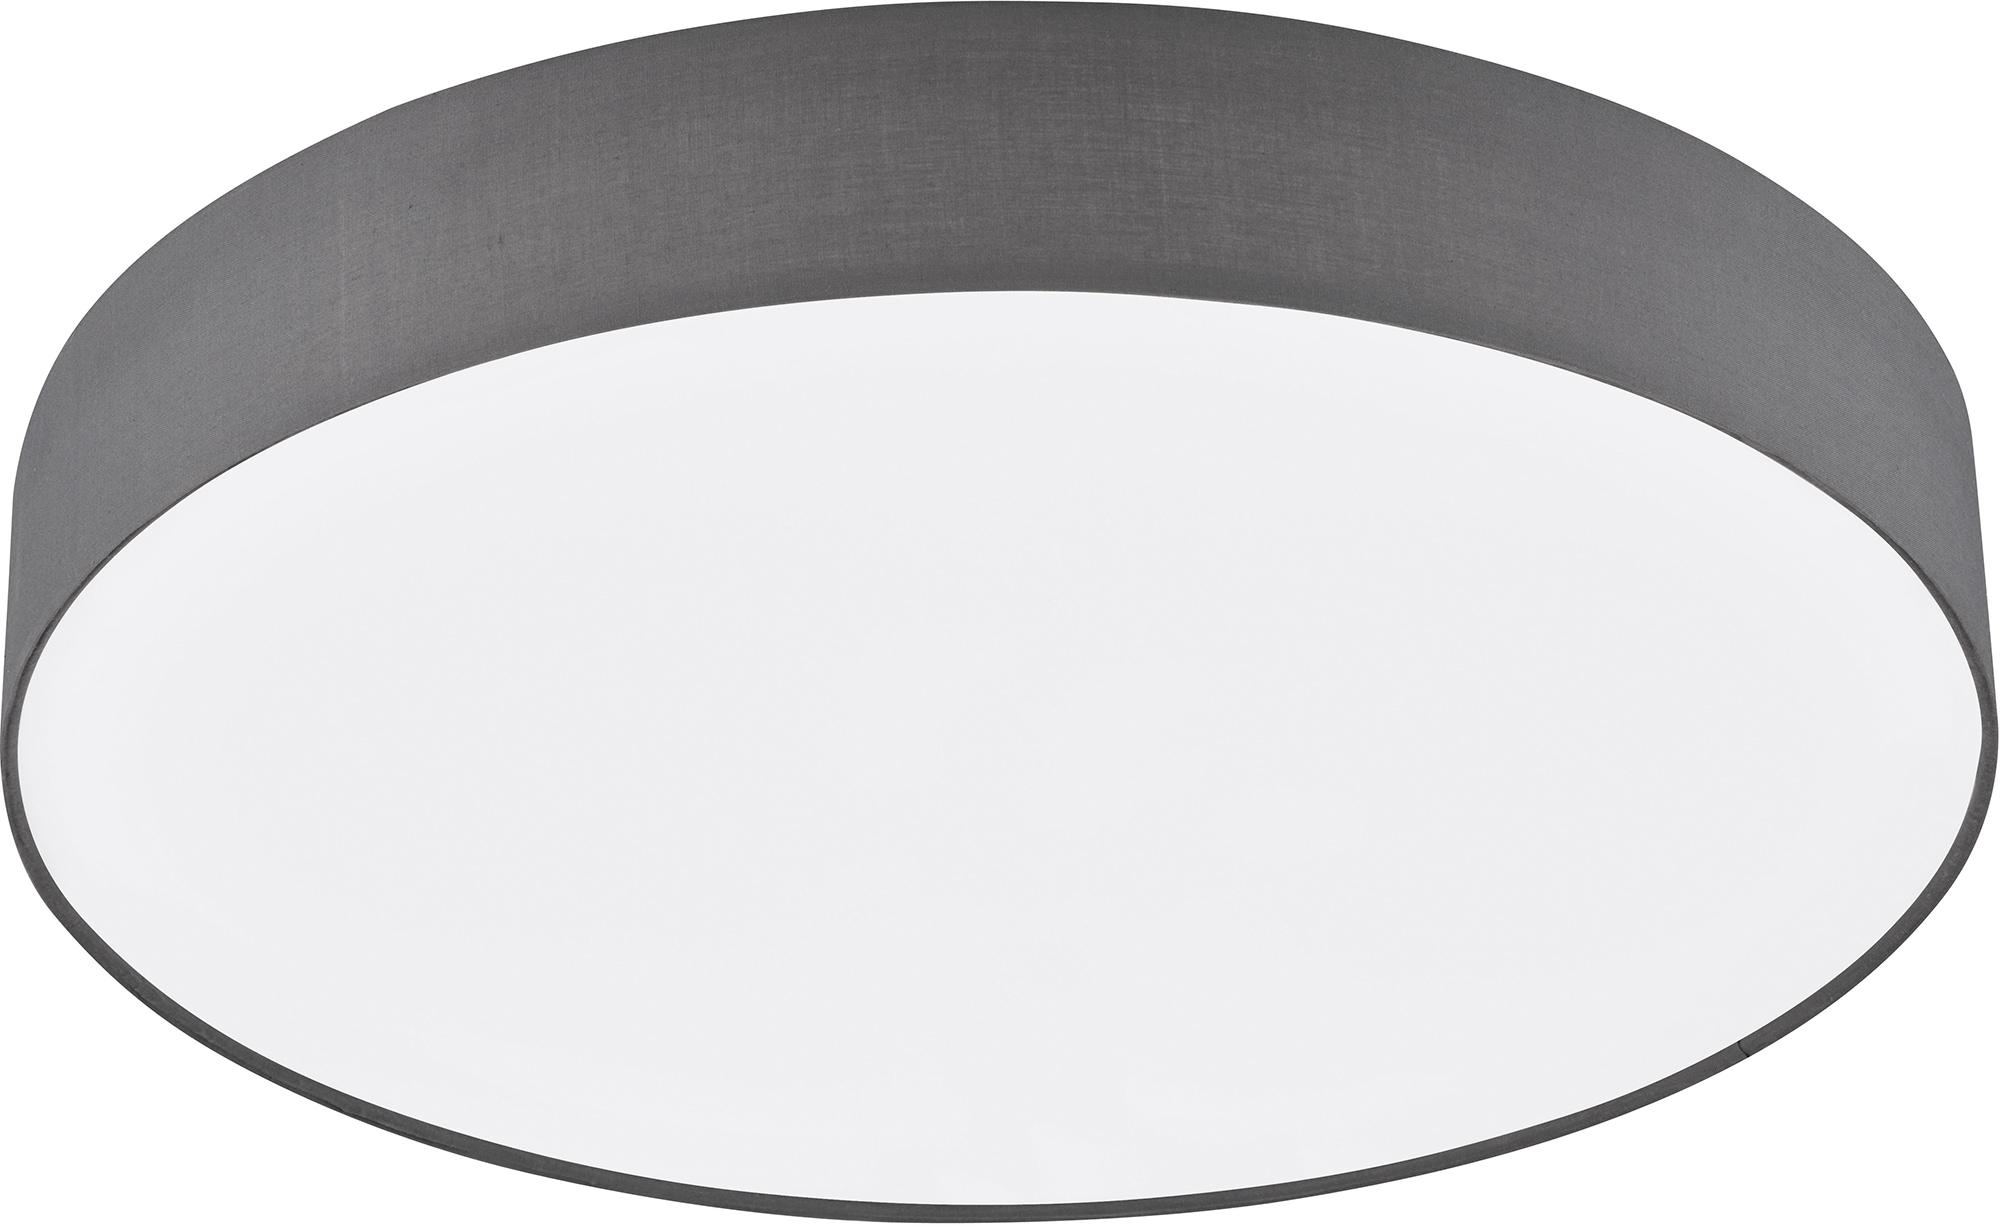 SCHÖNER WOHNEN-Kollektion Deckenleuchte Pina, LED-Modul, 1 St., Warmweiß, Deckenlampe